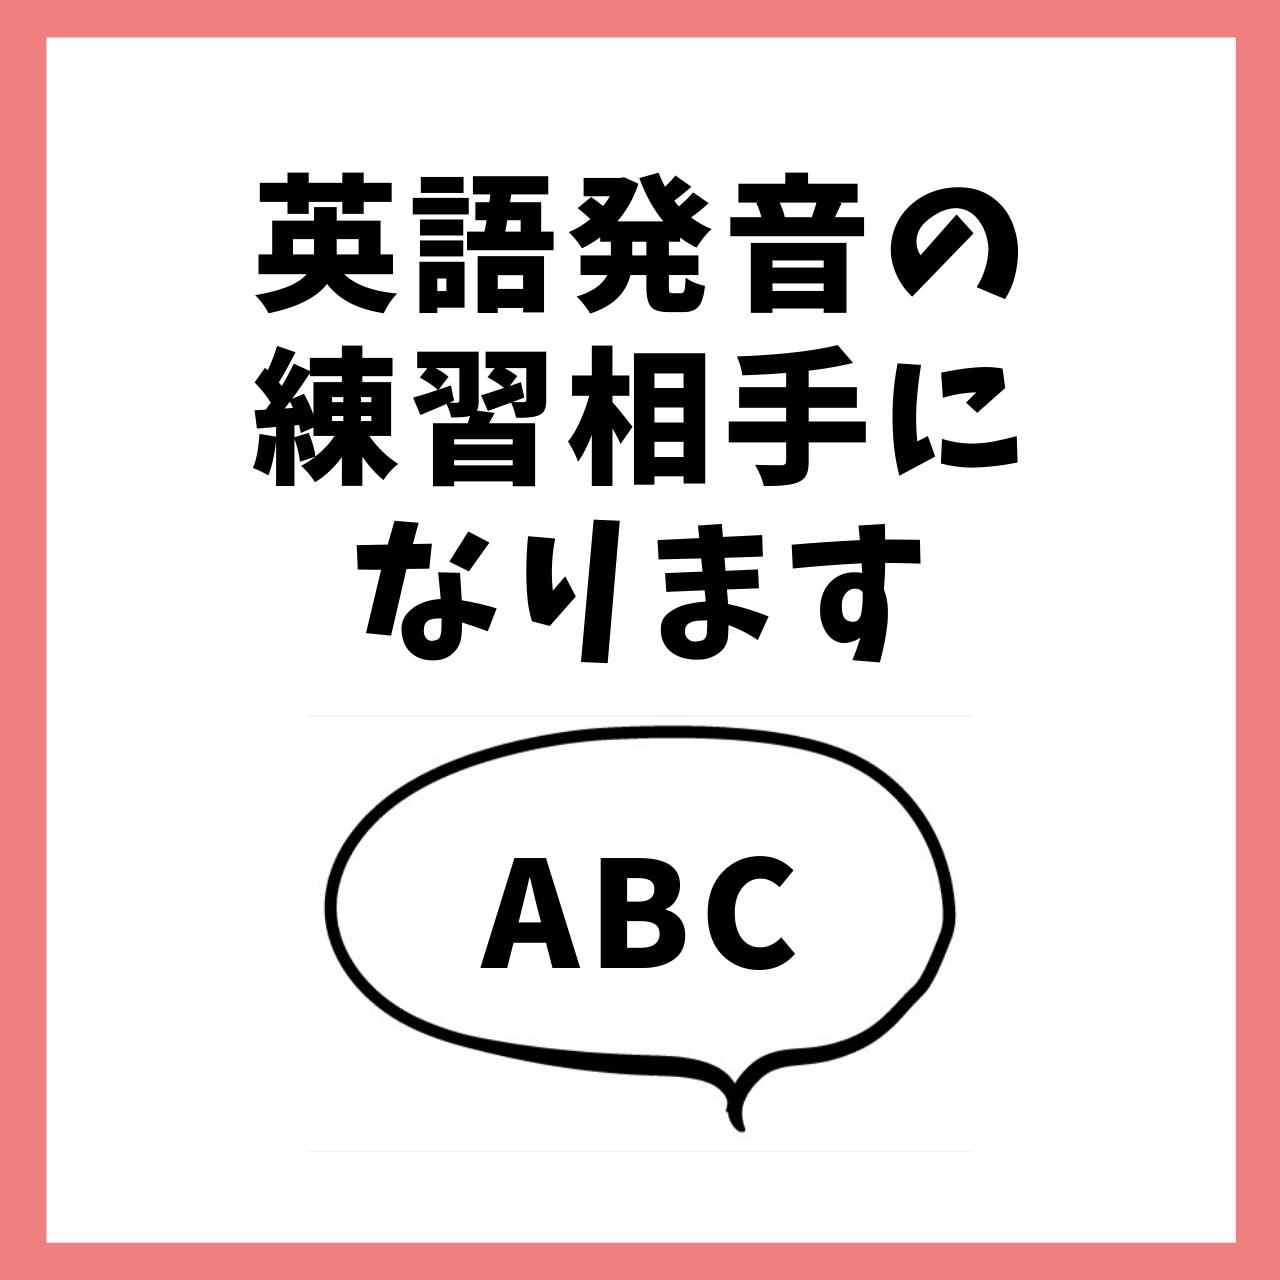 「英語の発音がうまくなりたい」方のお手伝いができます。